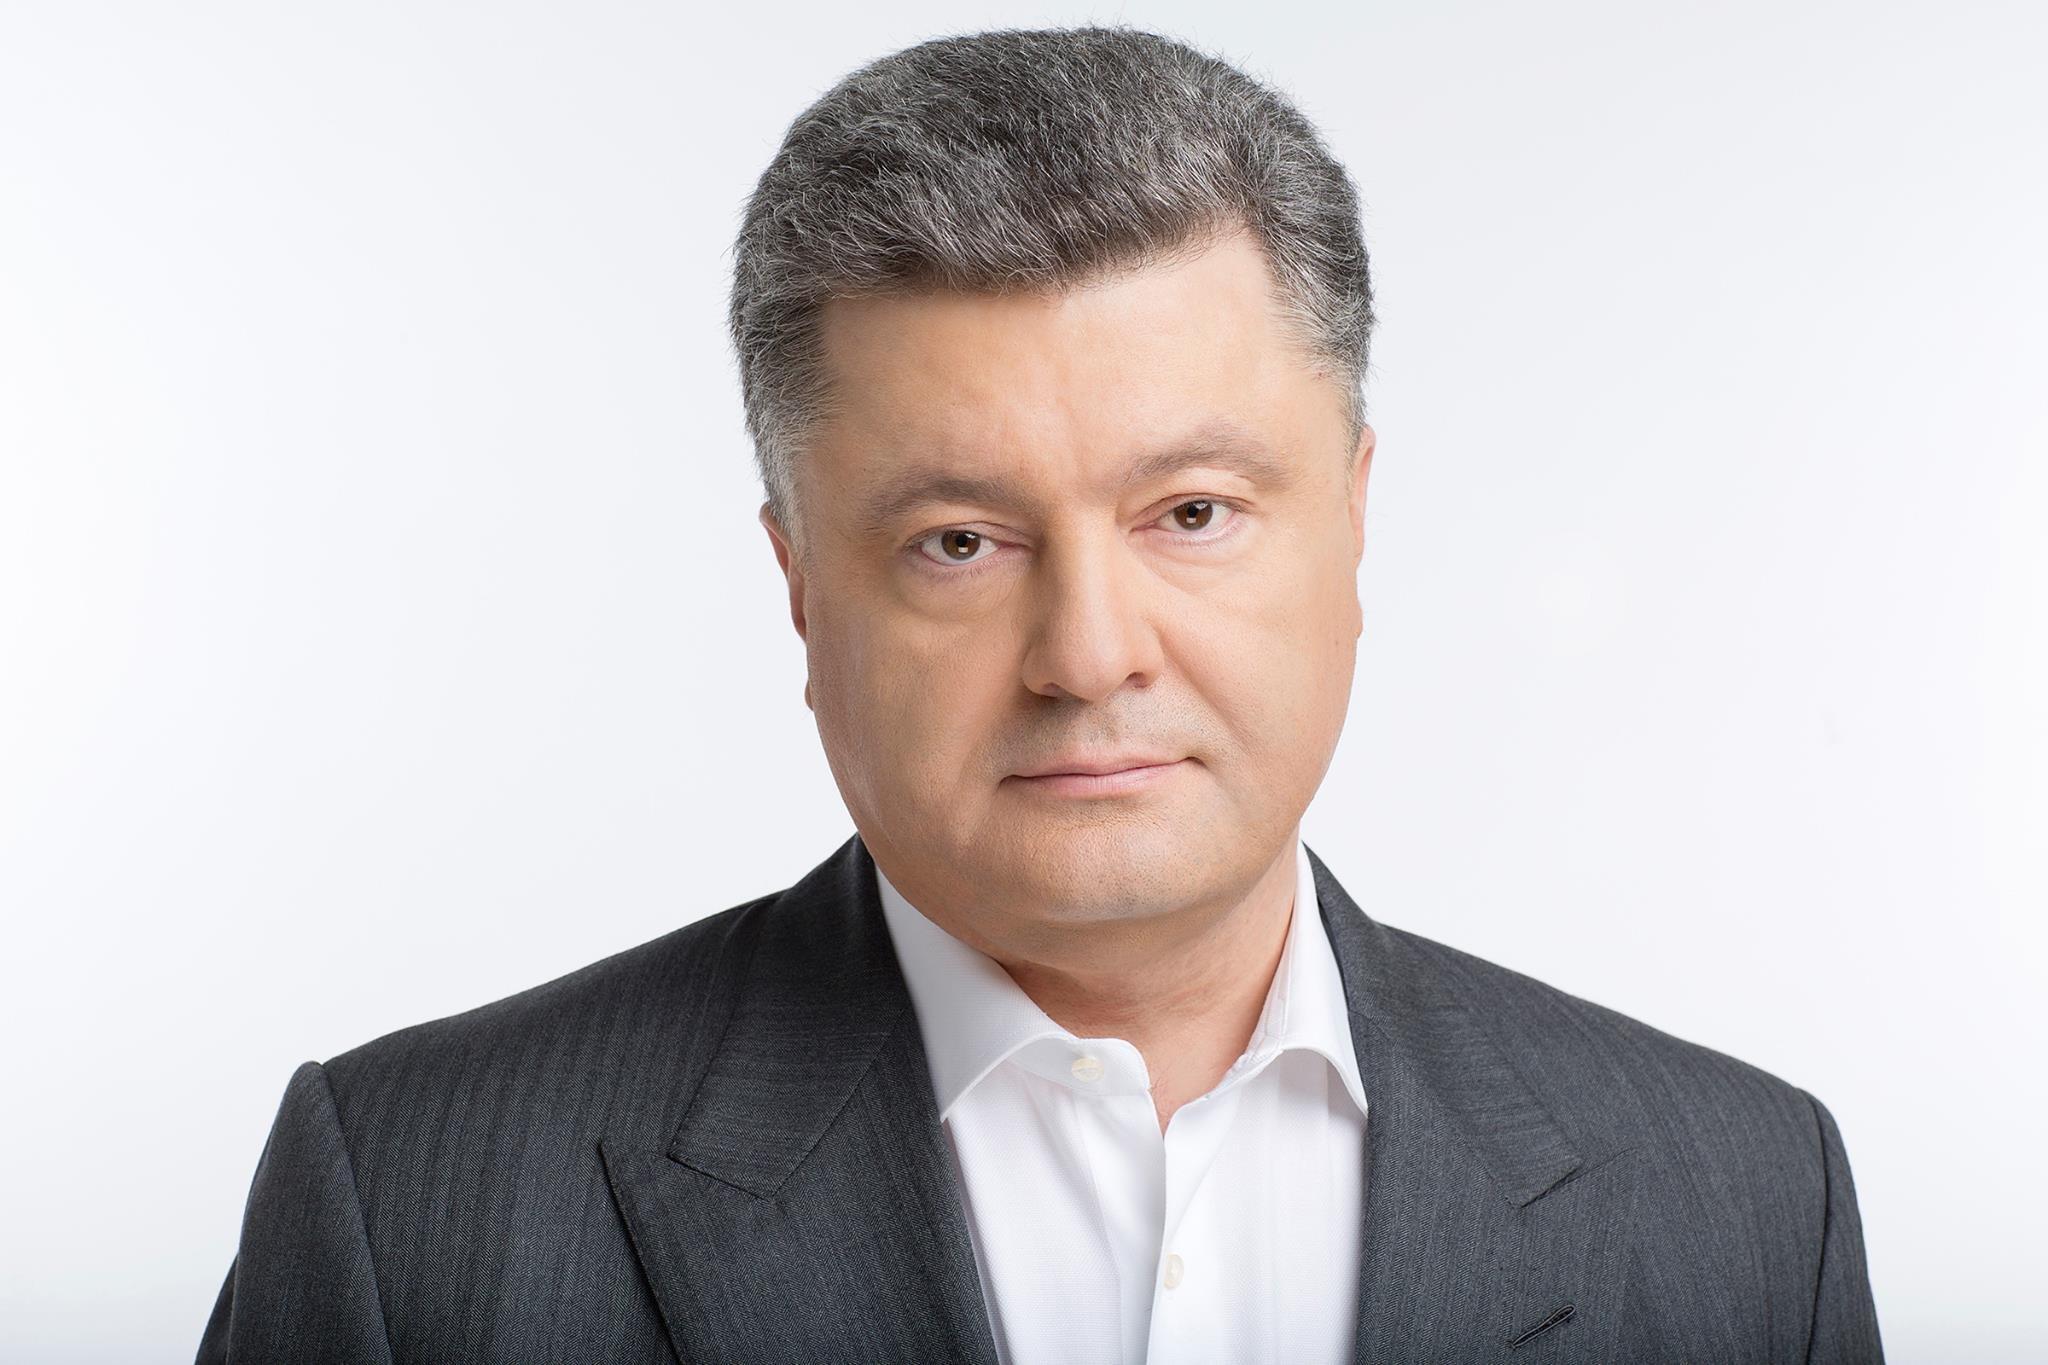 У Порошенко пообещали проводить экскурсии в Администрации Президента - Цензор.НЕТ 7673